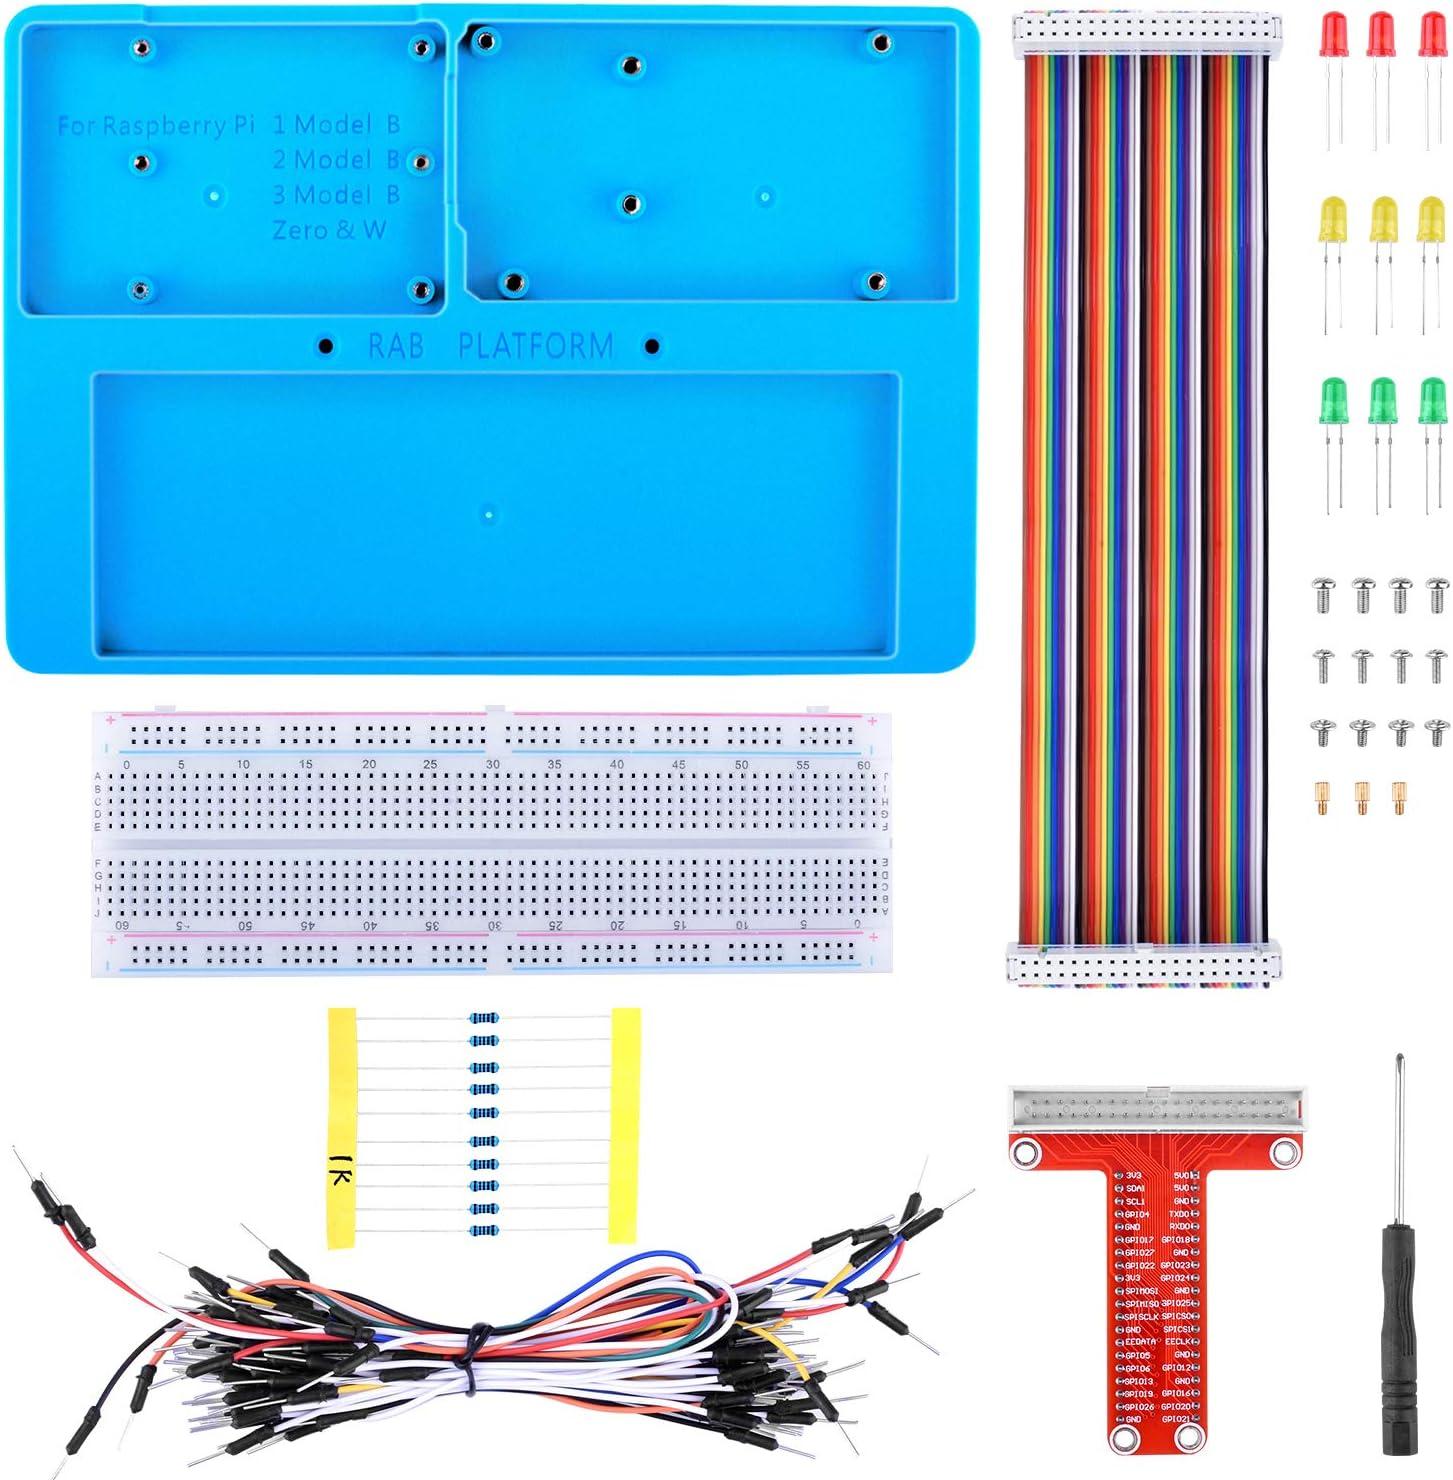 kuman Raspberry Pi 4 B Holder Breadboard Kit, 7 in 1 RAB Holder kit Compatible for Arduino, Mega 2560 & Raspberry Pi 3 Model B, 2 Model B,1 Model B+ RPI Zero and Zero W